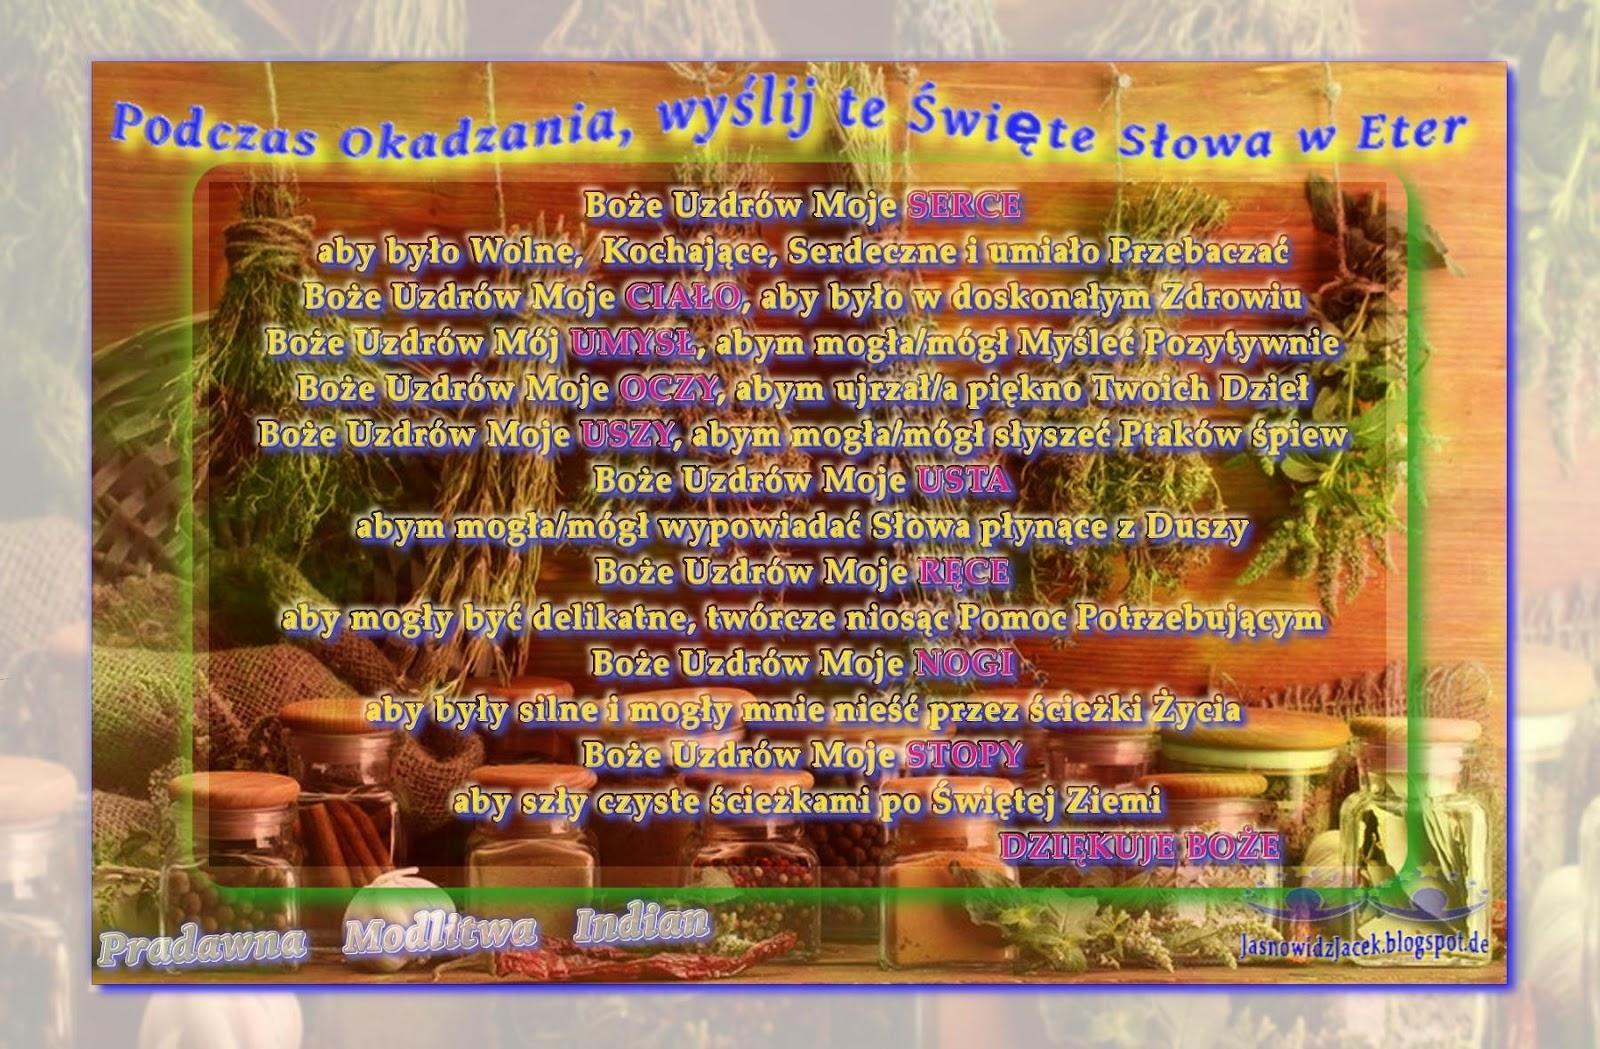 Modlitwa - Magia ziół, Obrzędy ZIOŁOWE, RYTUAŁY - palenie ziół, żywic i kadzideł - Okadzanie